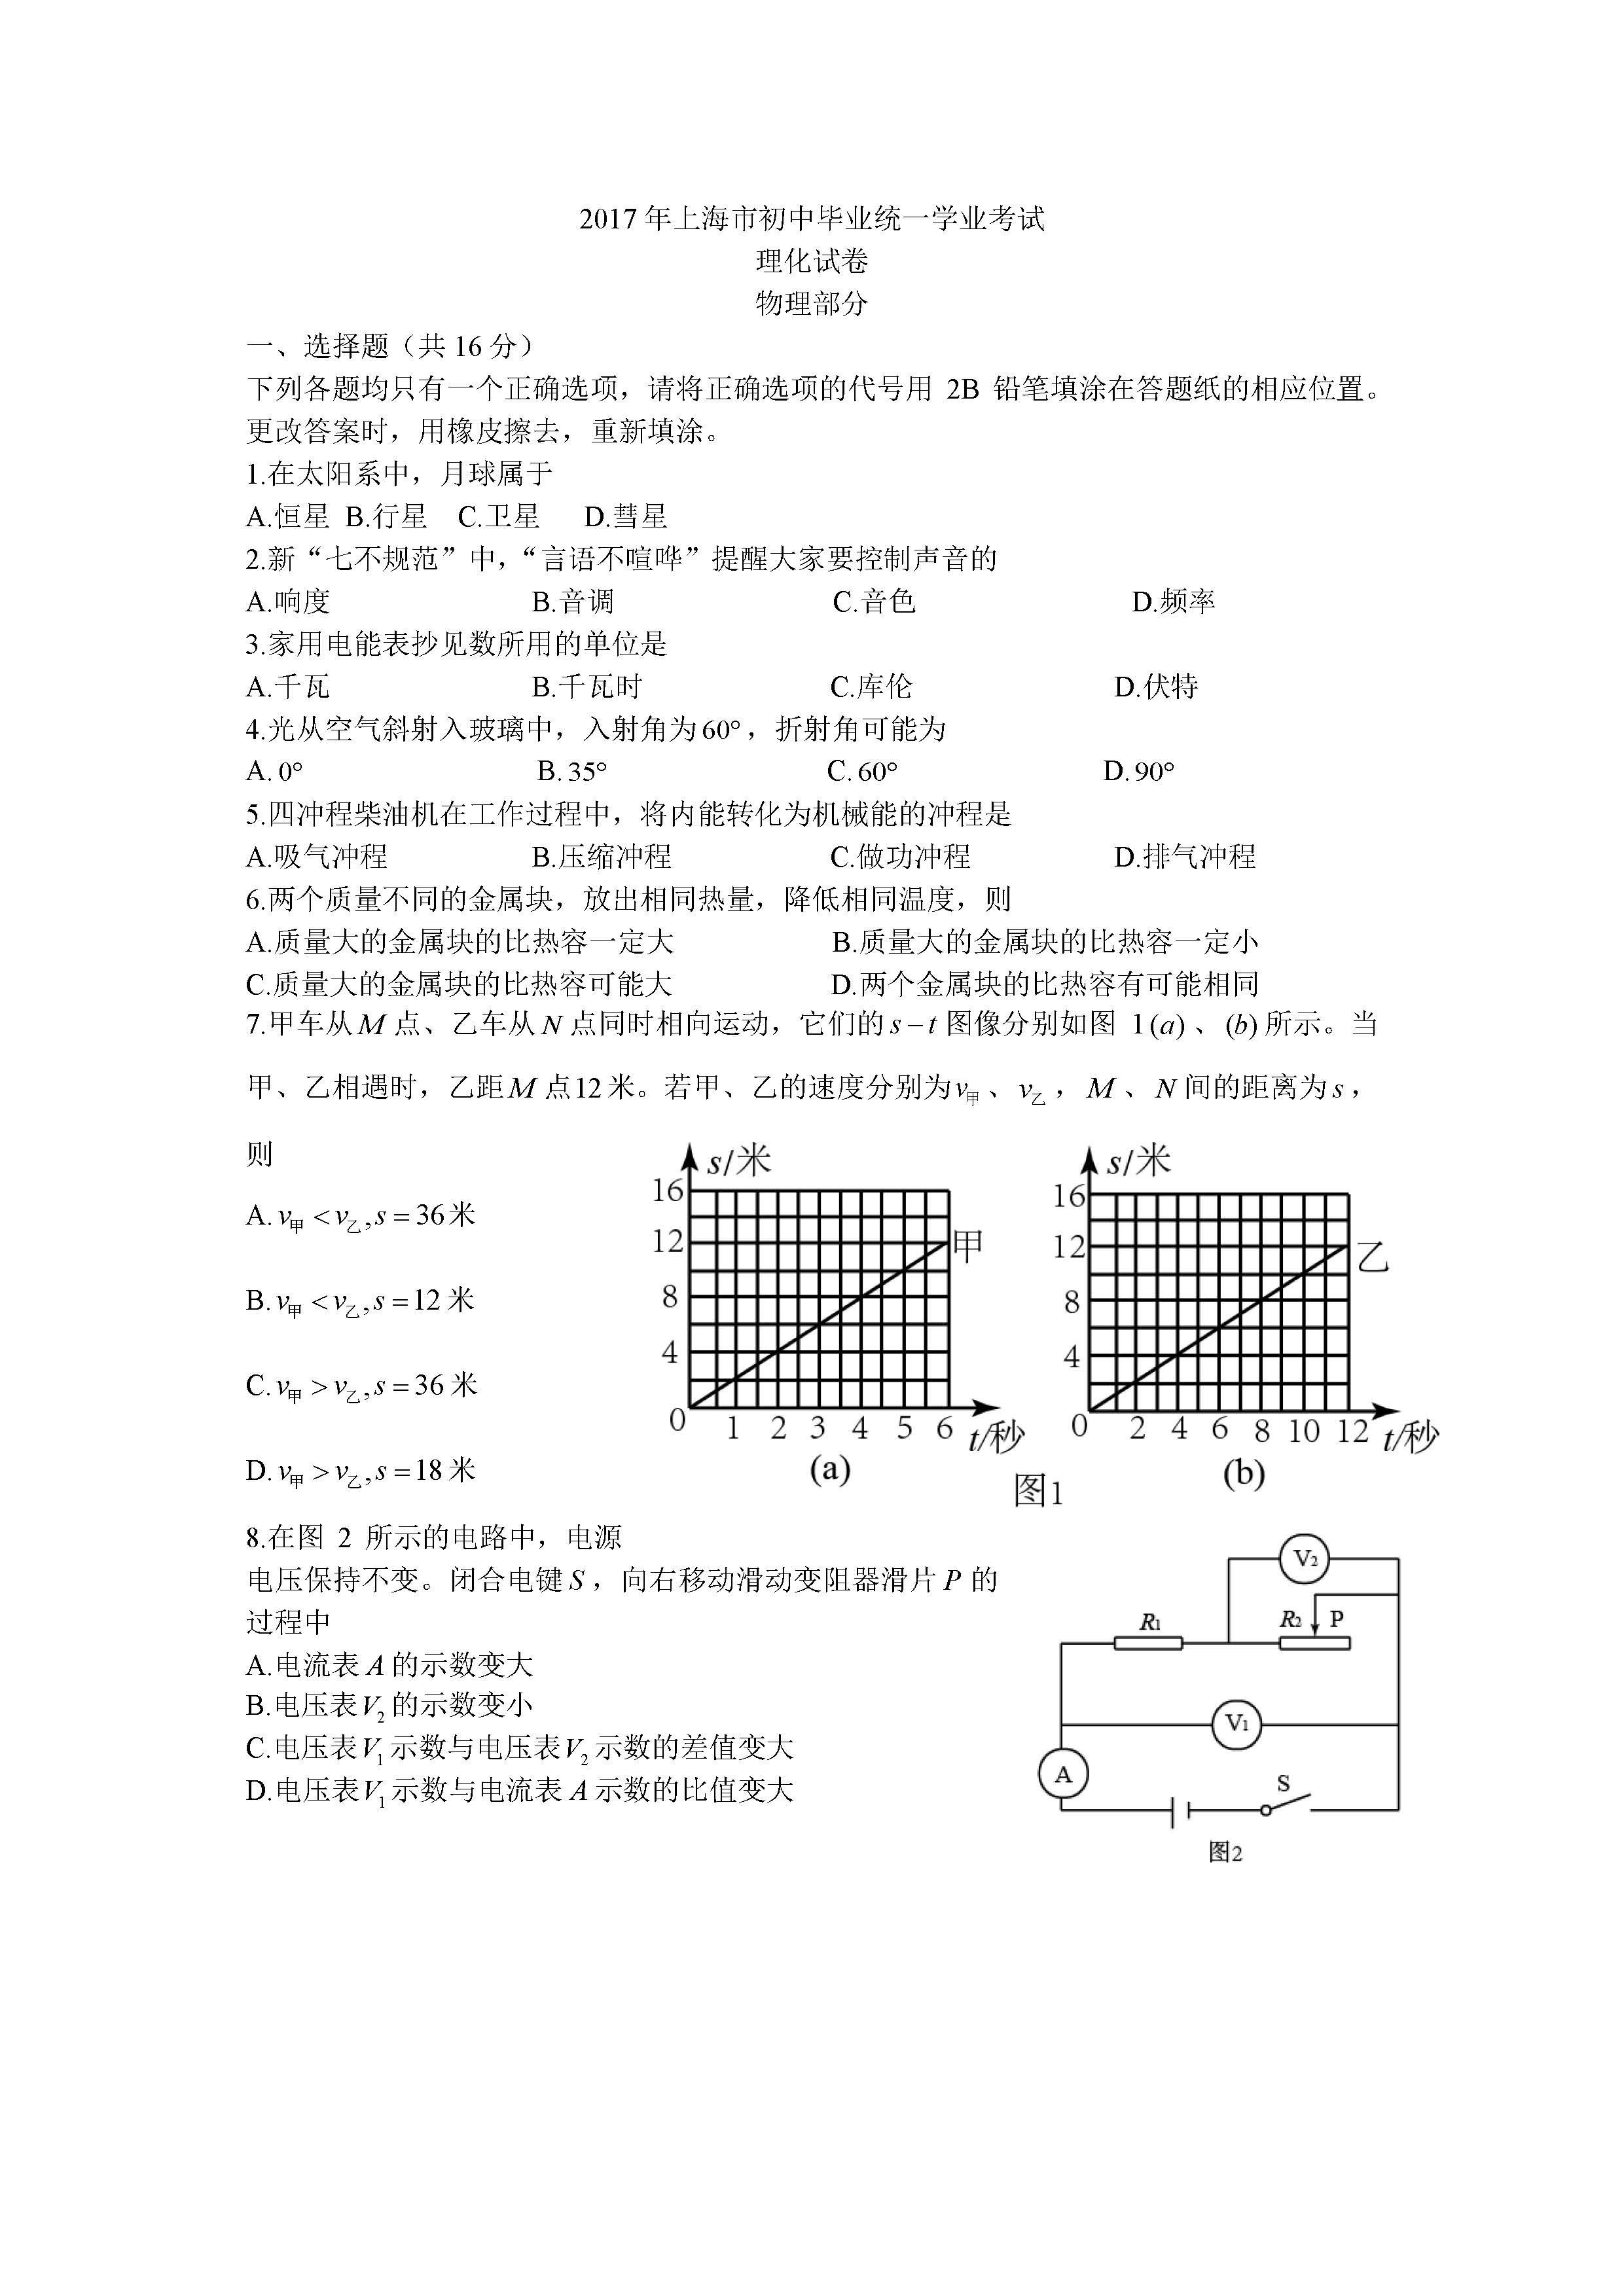 2017上海中考物理试题及答案解析(图片版)